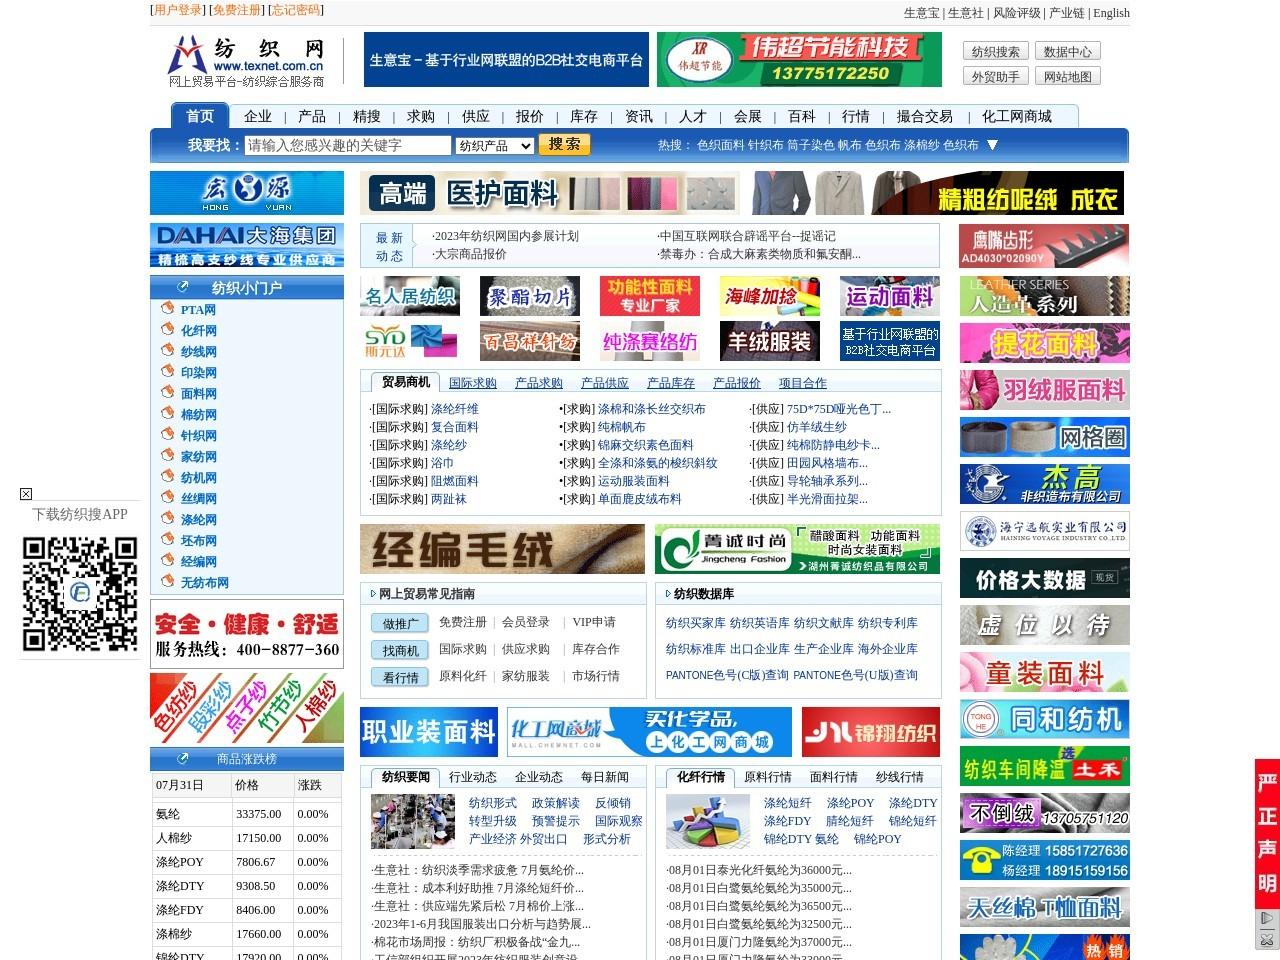 纺织网_纺织网上贸易平台_纺织综合服务商